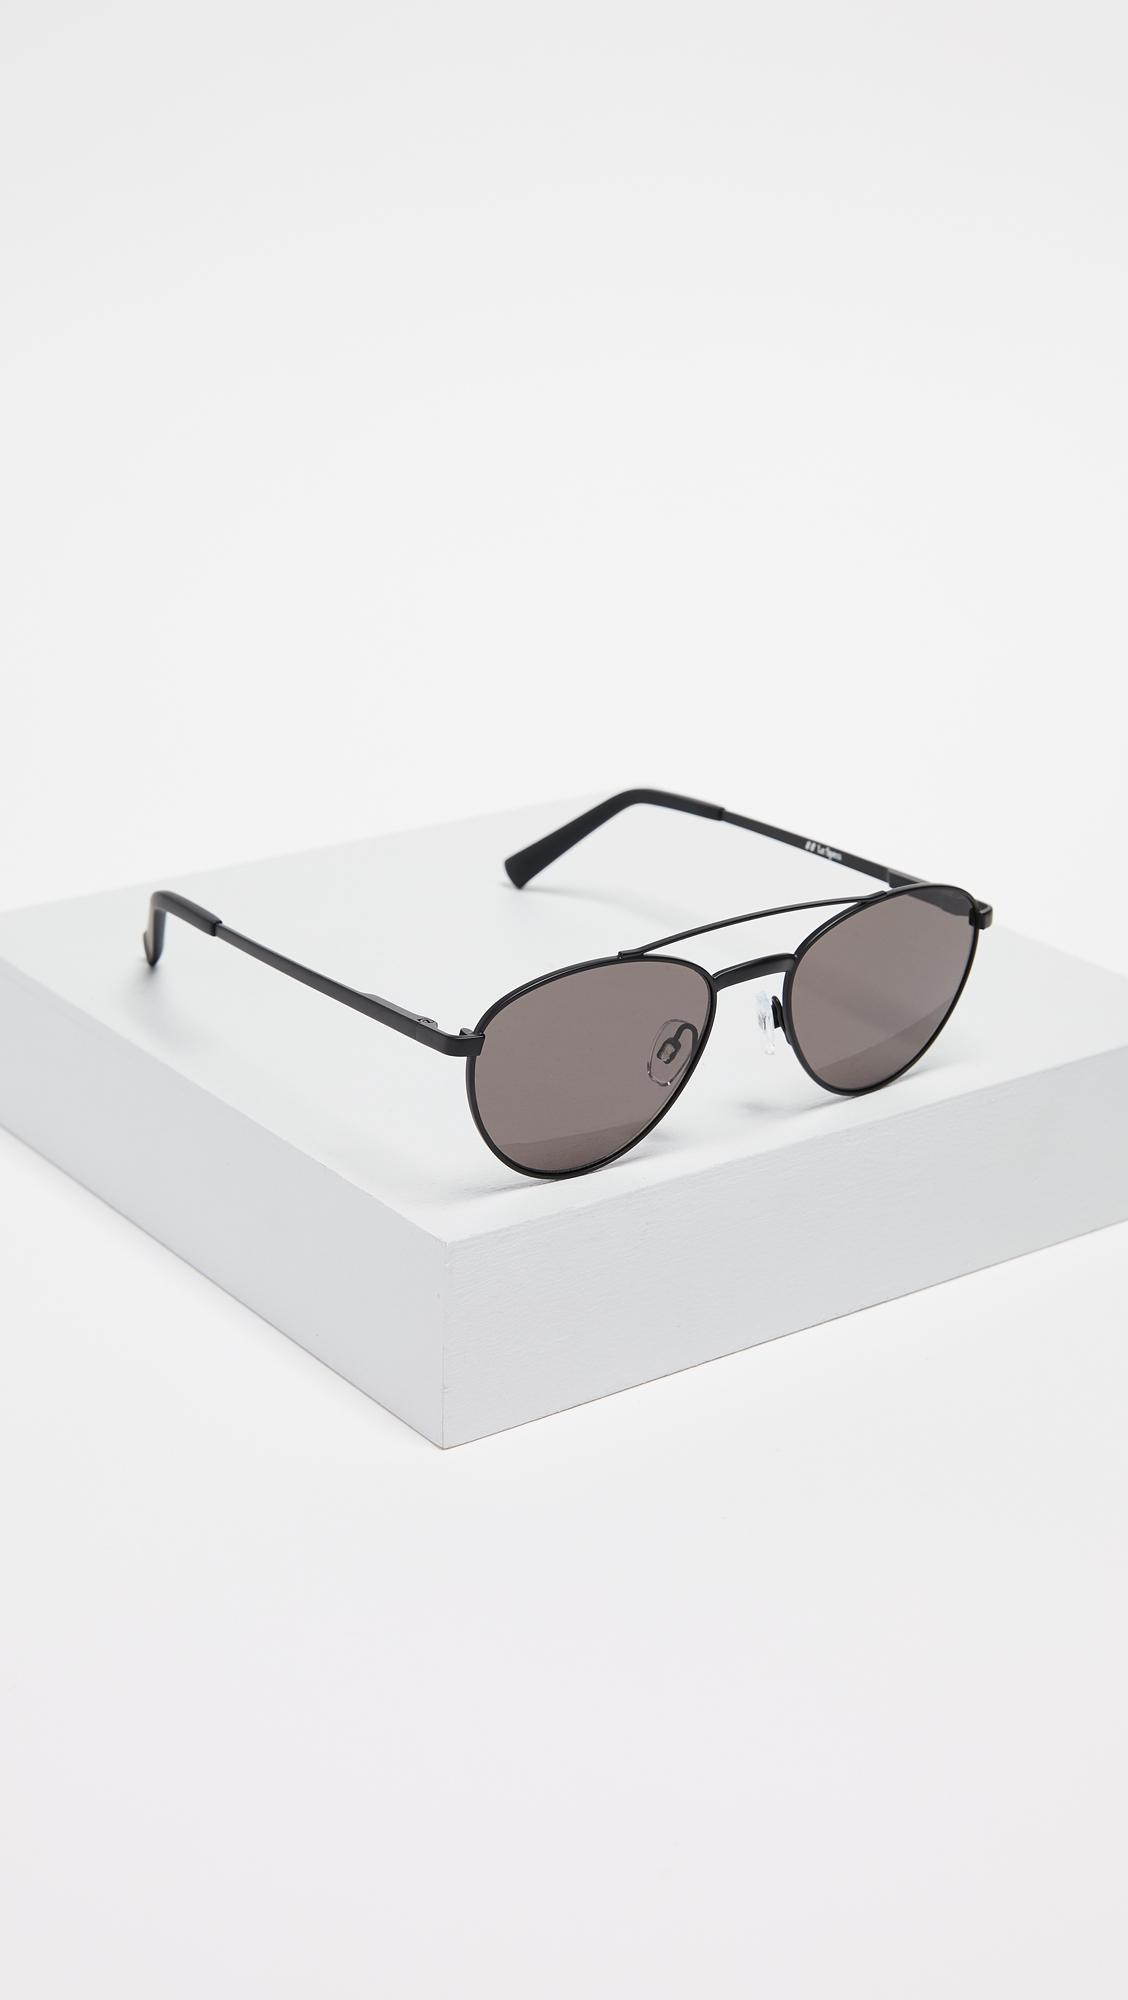 2d44f246f9 Le Specs Rocket Man Sunglasses